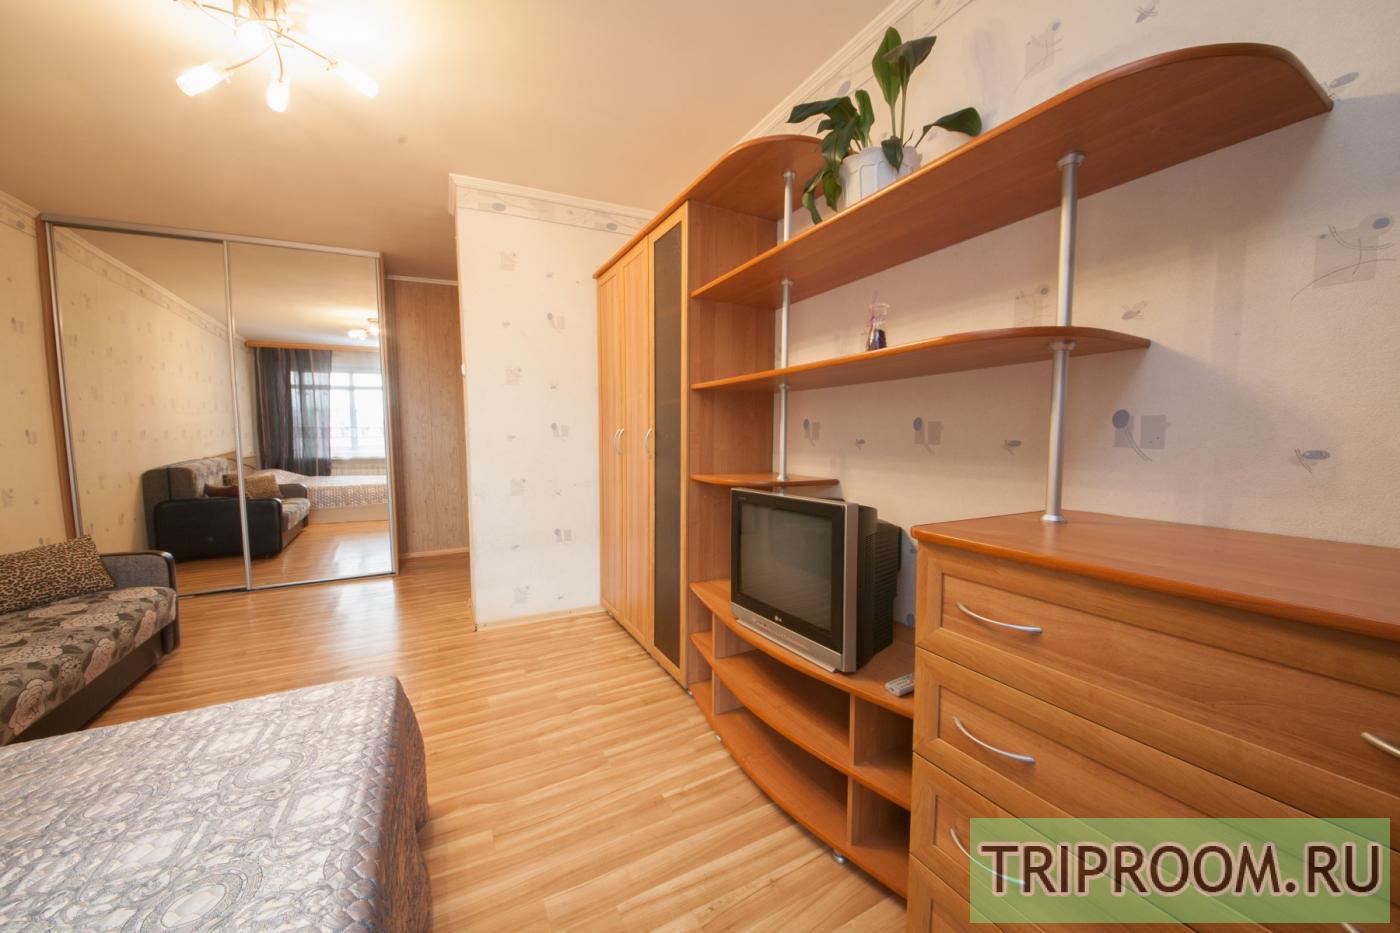 Как можно сделать однокомнатную квартиру уютной фото